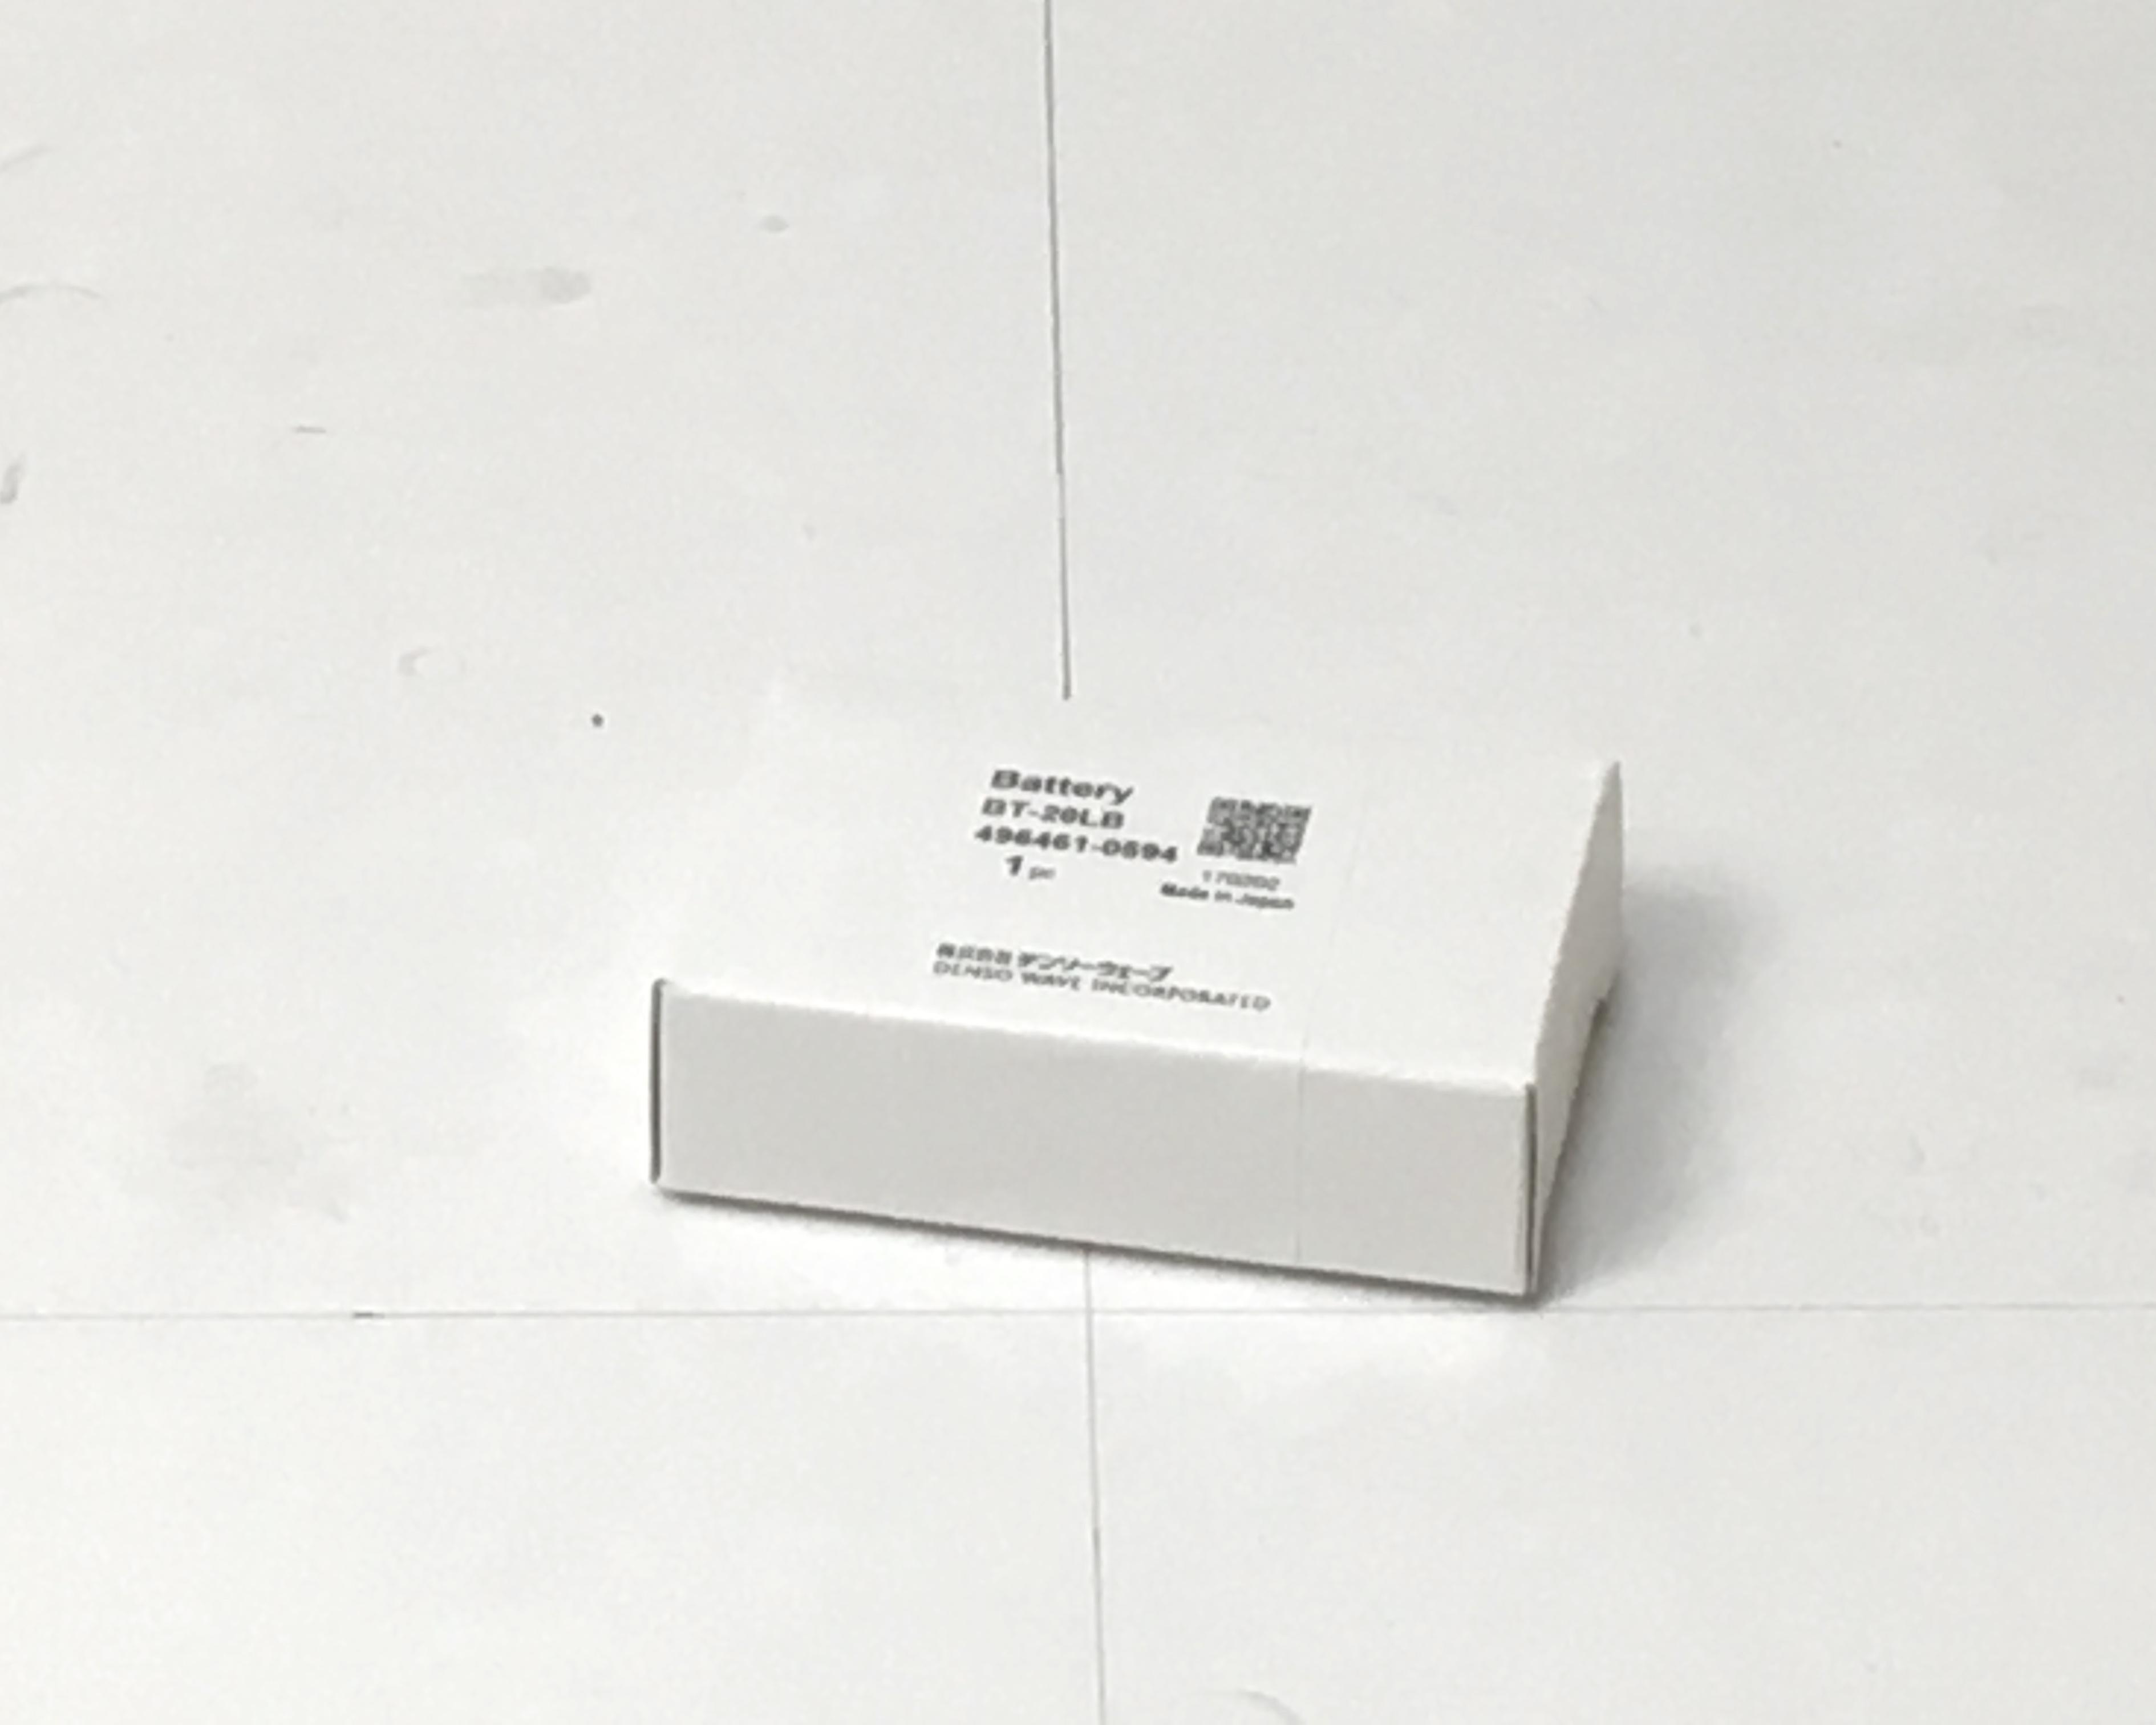 【新品】デンソー バッテリパック純正品 BT-20LB メイン画像